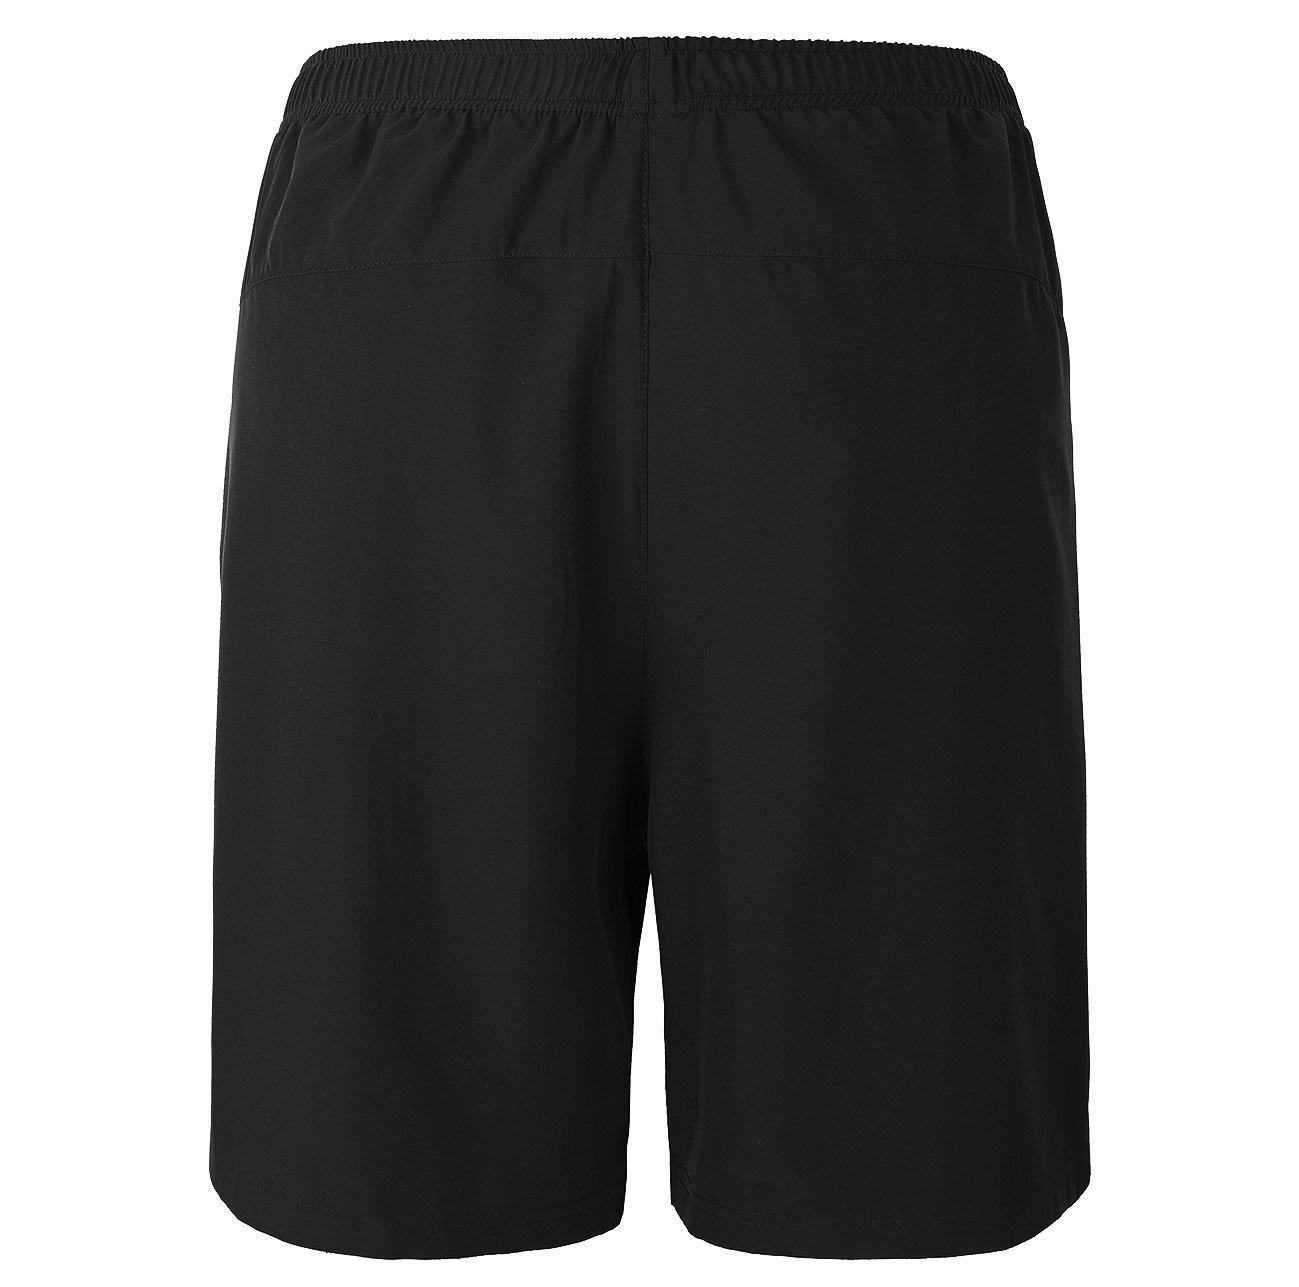 Gititlys Men\'s Sport Shorts Workout Running Shorts Zipper Pockets